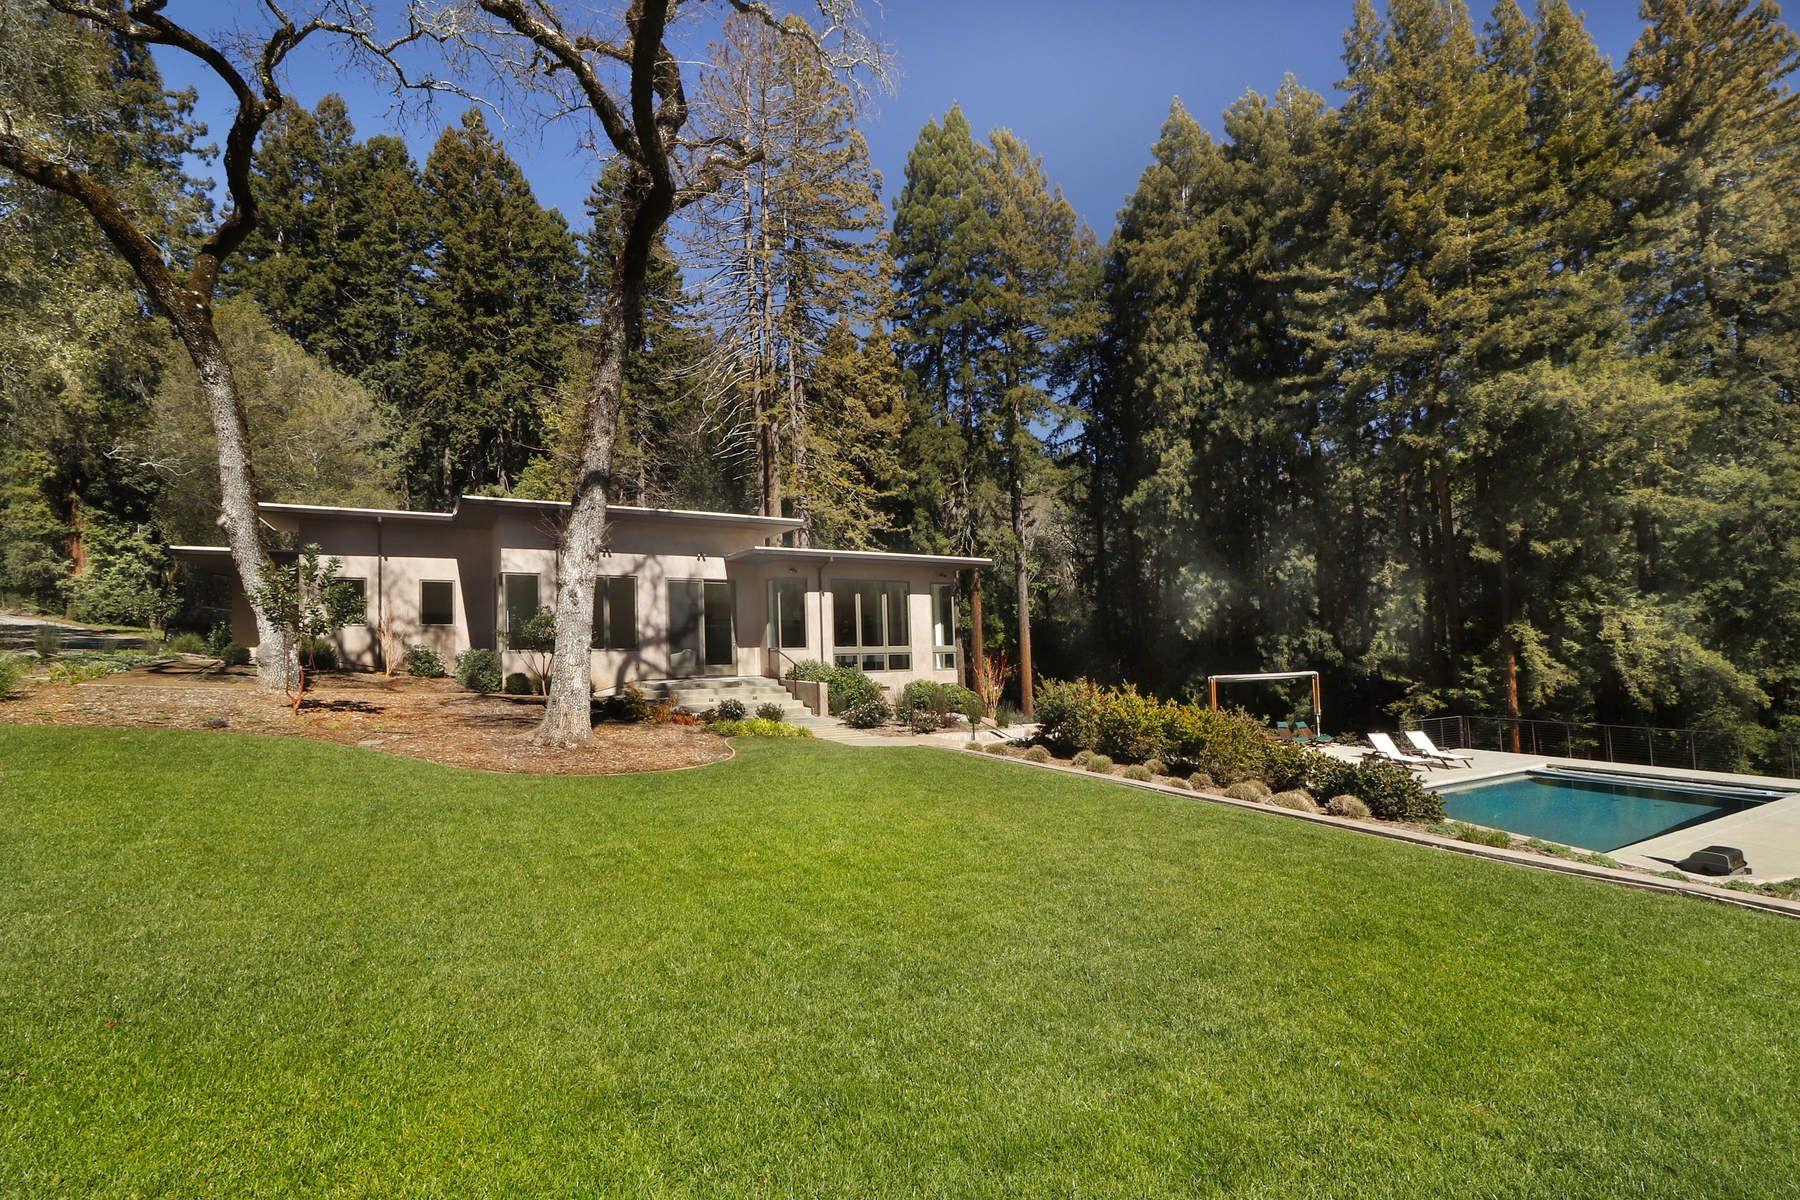 一戸建て のために 売買 アット 3380 Vigilante Road 3380 Vigilante Rd, Glen Ellen, カリフォルニア, 95442 アメリカ合衆国